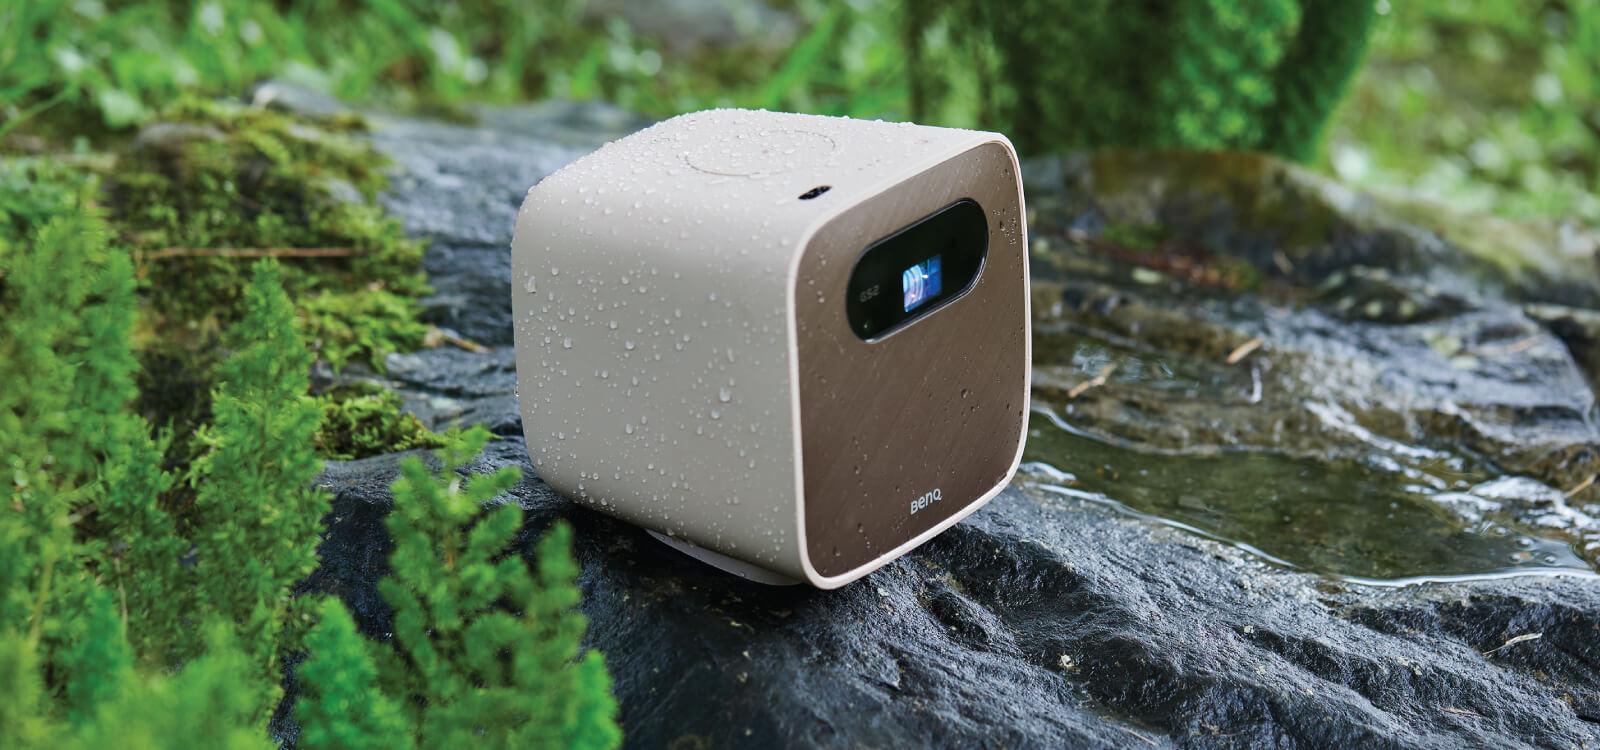 Der GS2 ist für Outdoor-Aktivitäten gewappnet. Kleine Stürze und Wasserspritzer übersteht der tragbare Projektor ohne Probleme.